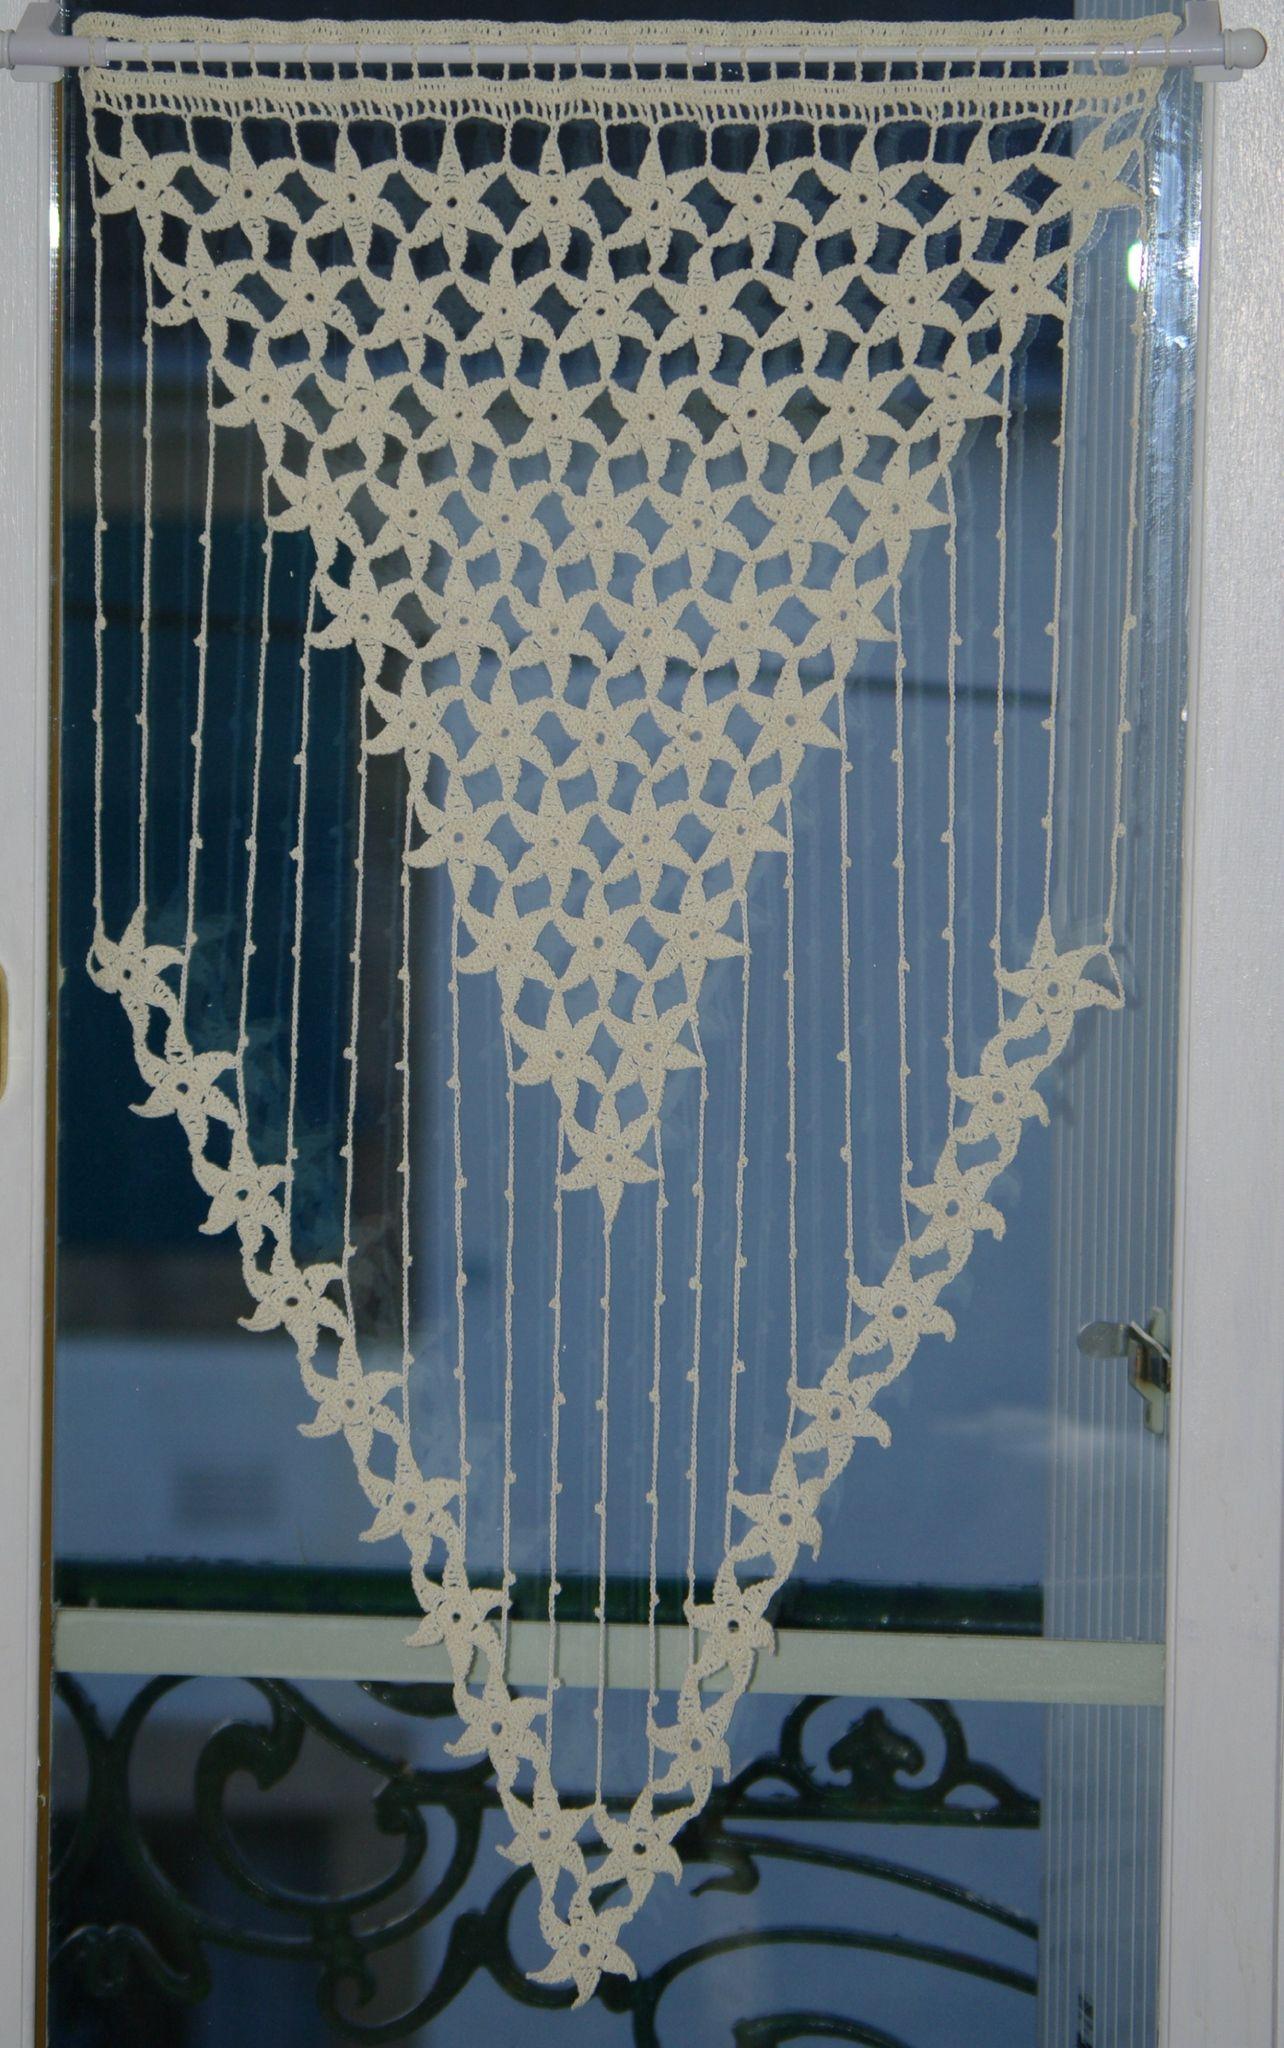 Pin von Nuriye Taskiran auf Papatya   Crochet Curtains, Crochet und ...